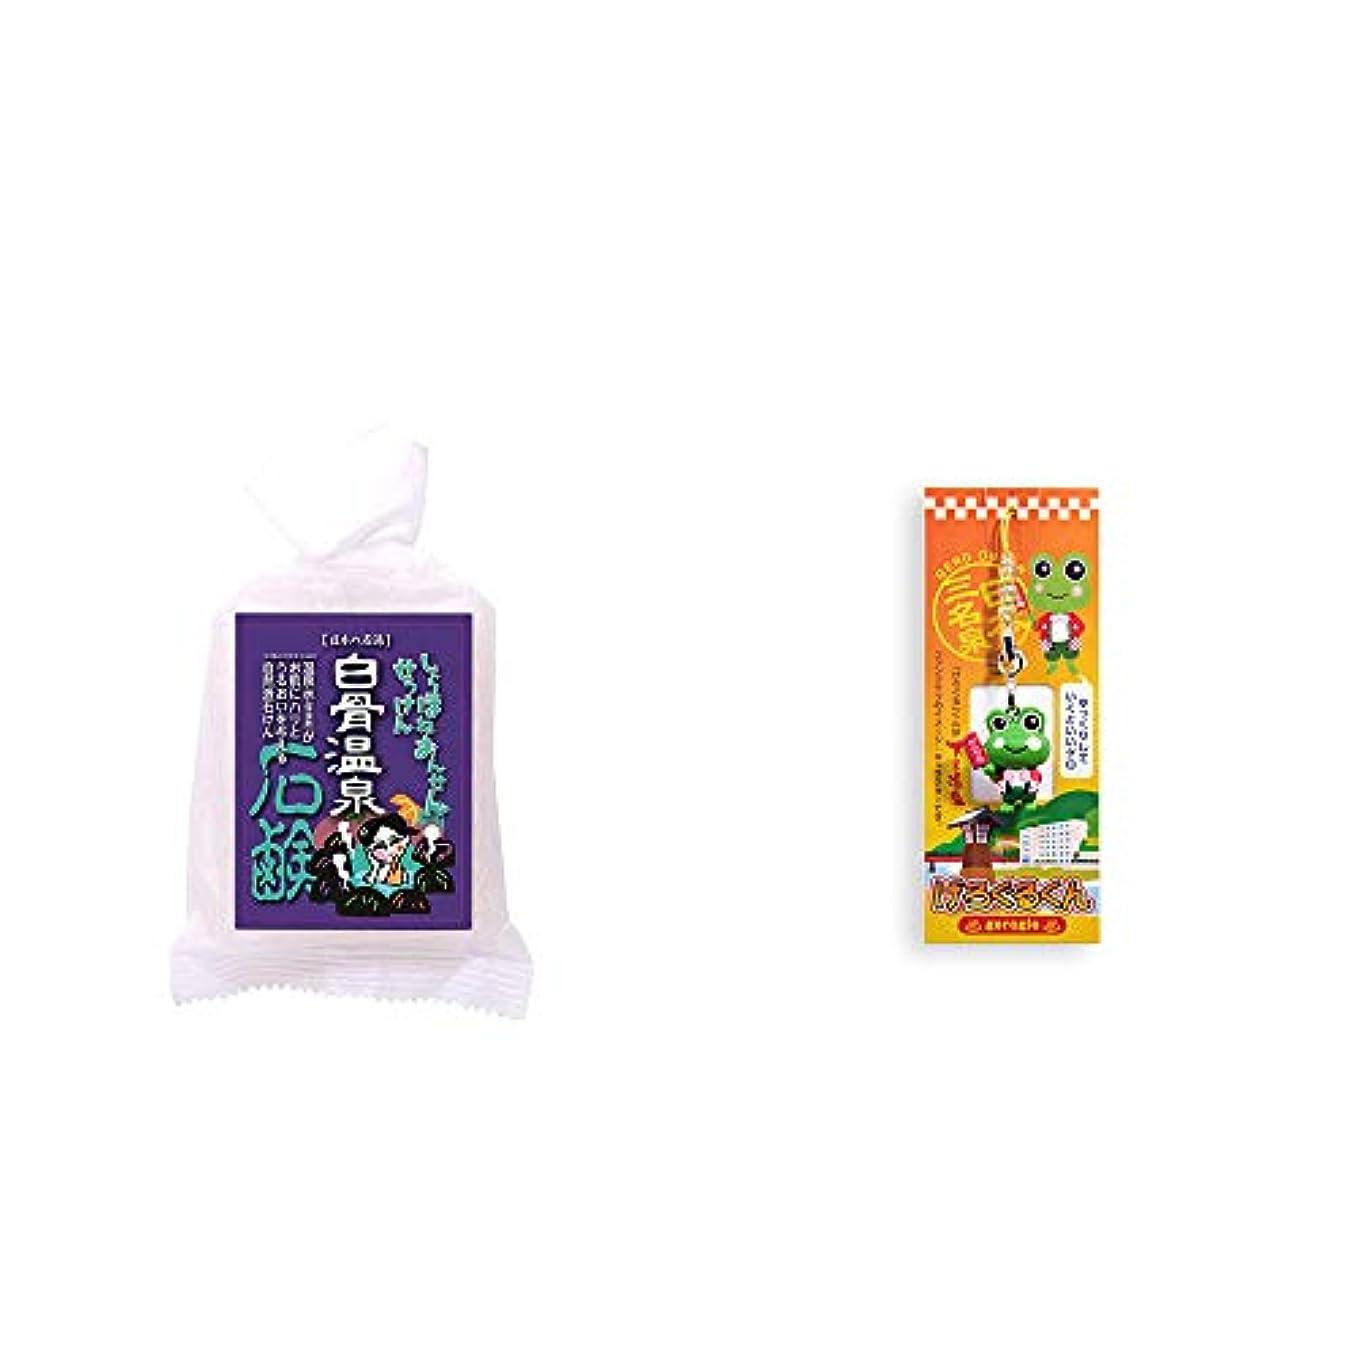 優れましたヤギコークス[2点セット] 信州 白骨温泉石鹸(80g)?下呂温泉ファンクラブのイメージキャラクター げろぐるくんストラップ